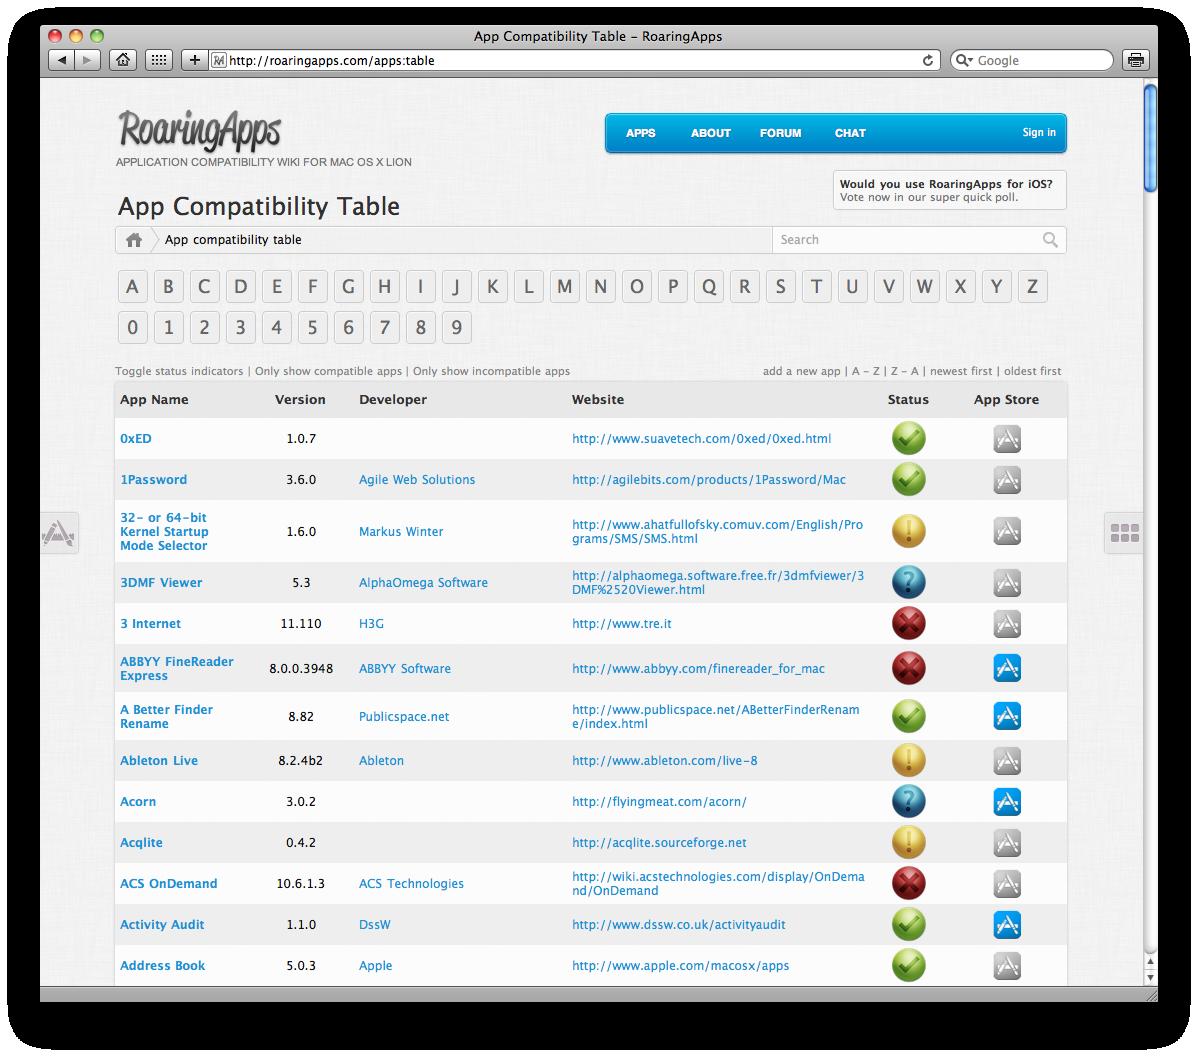 RoaringApps - Compatibilidade com o OS X Lion